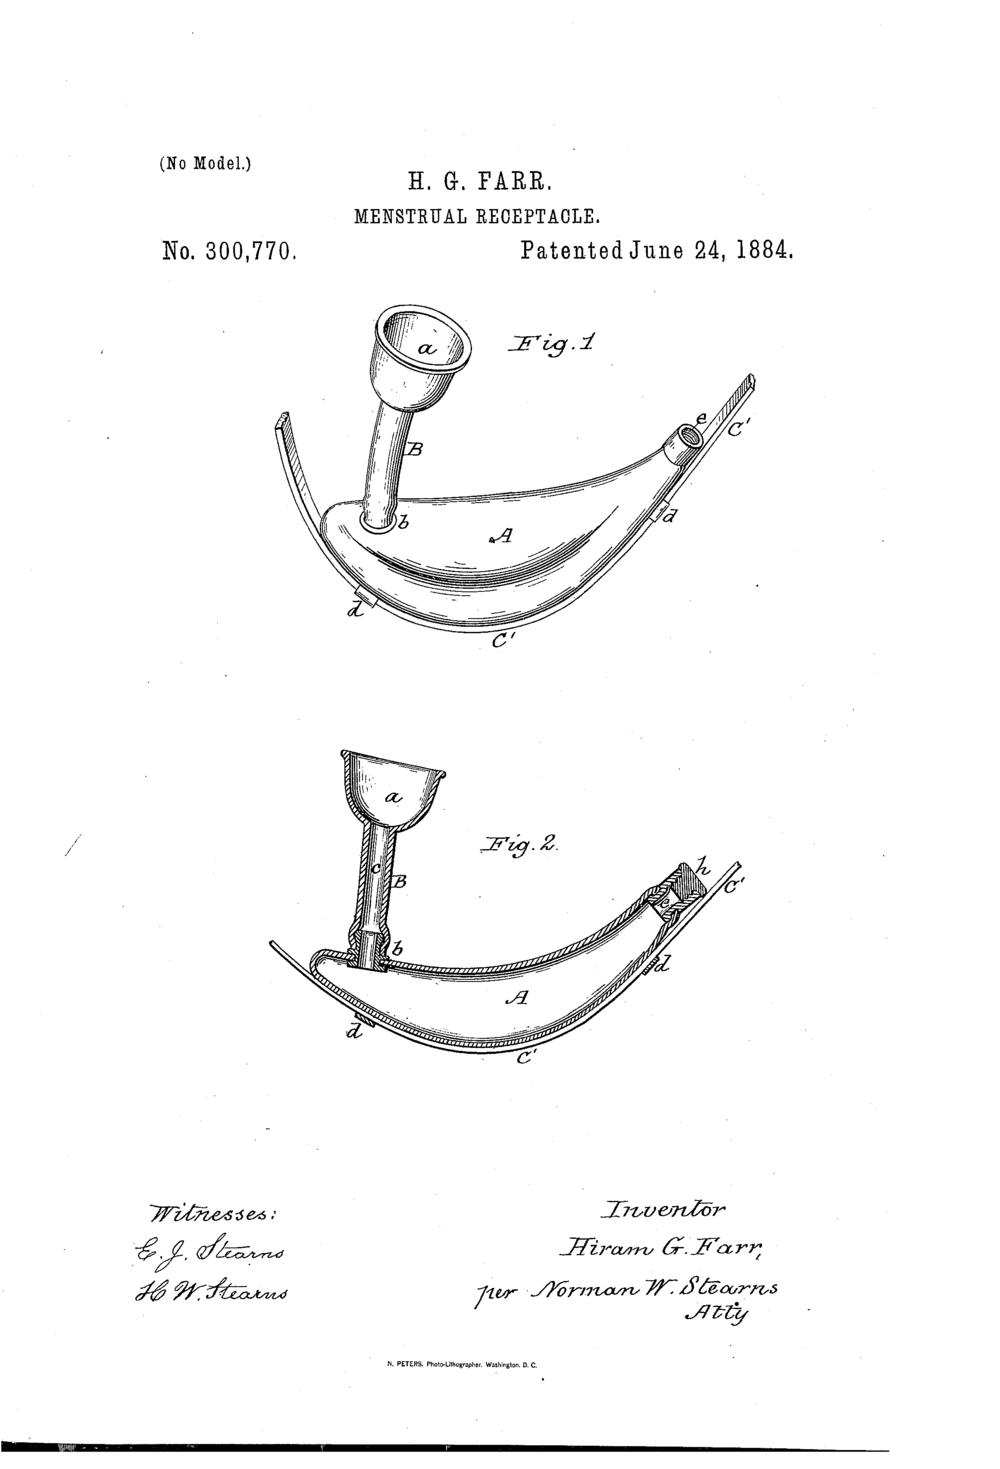 catemenial sac diagram 3.png